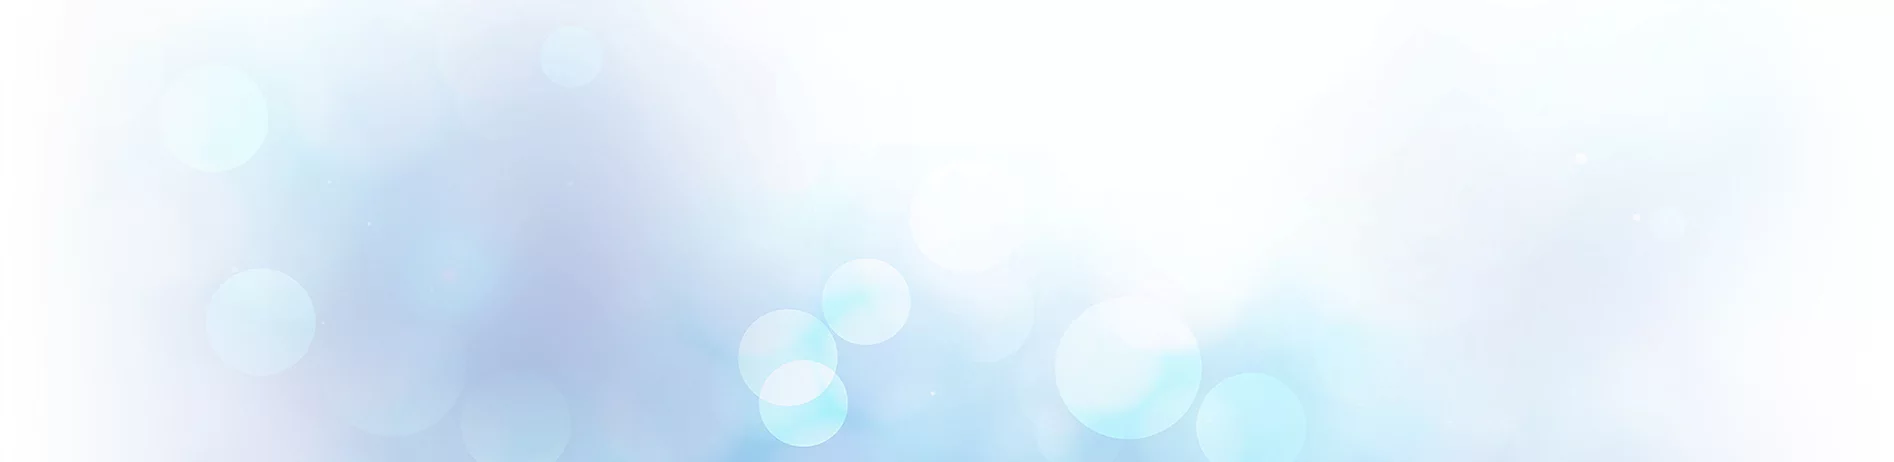 Hintergrund_Webseite.png